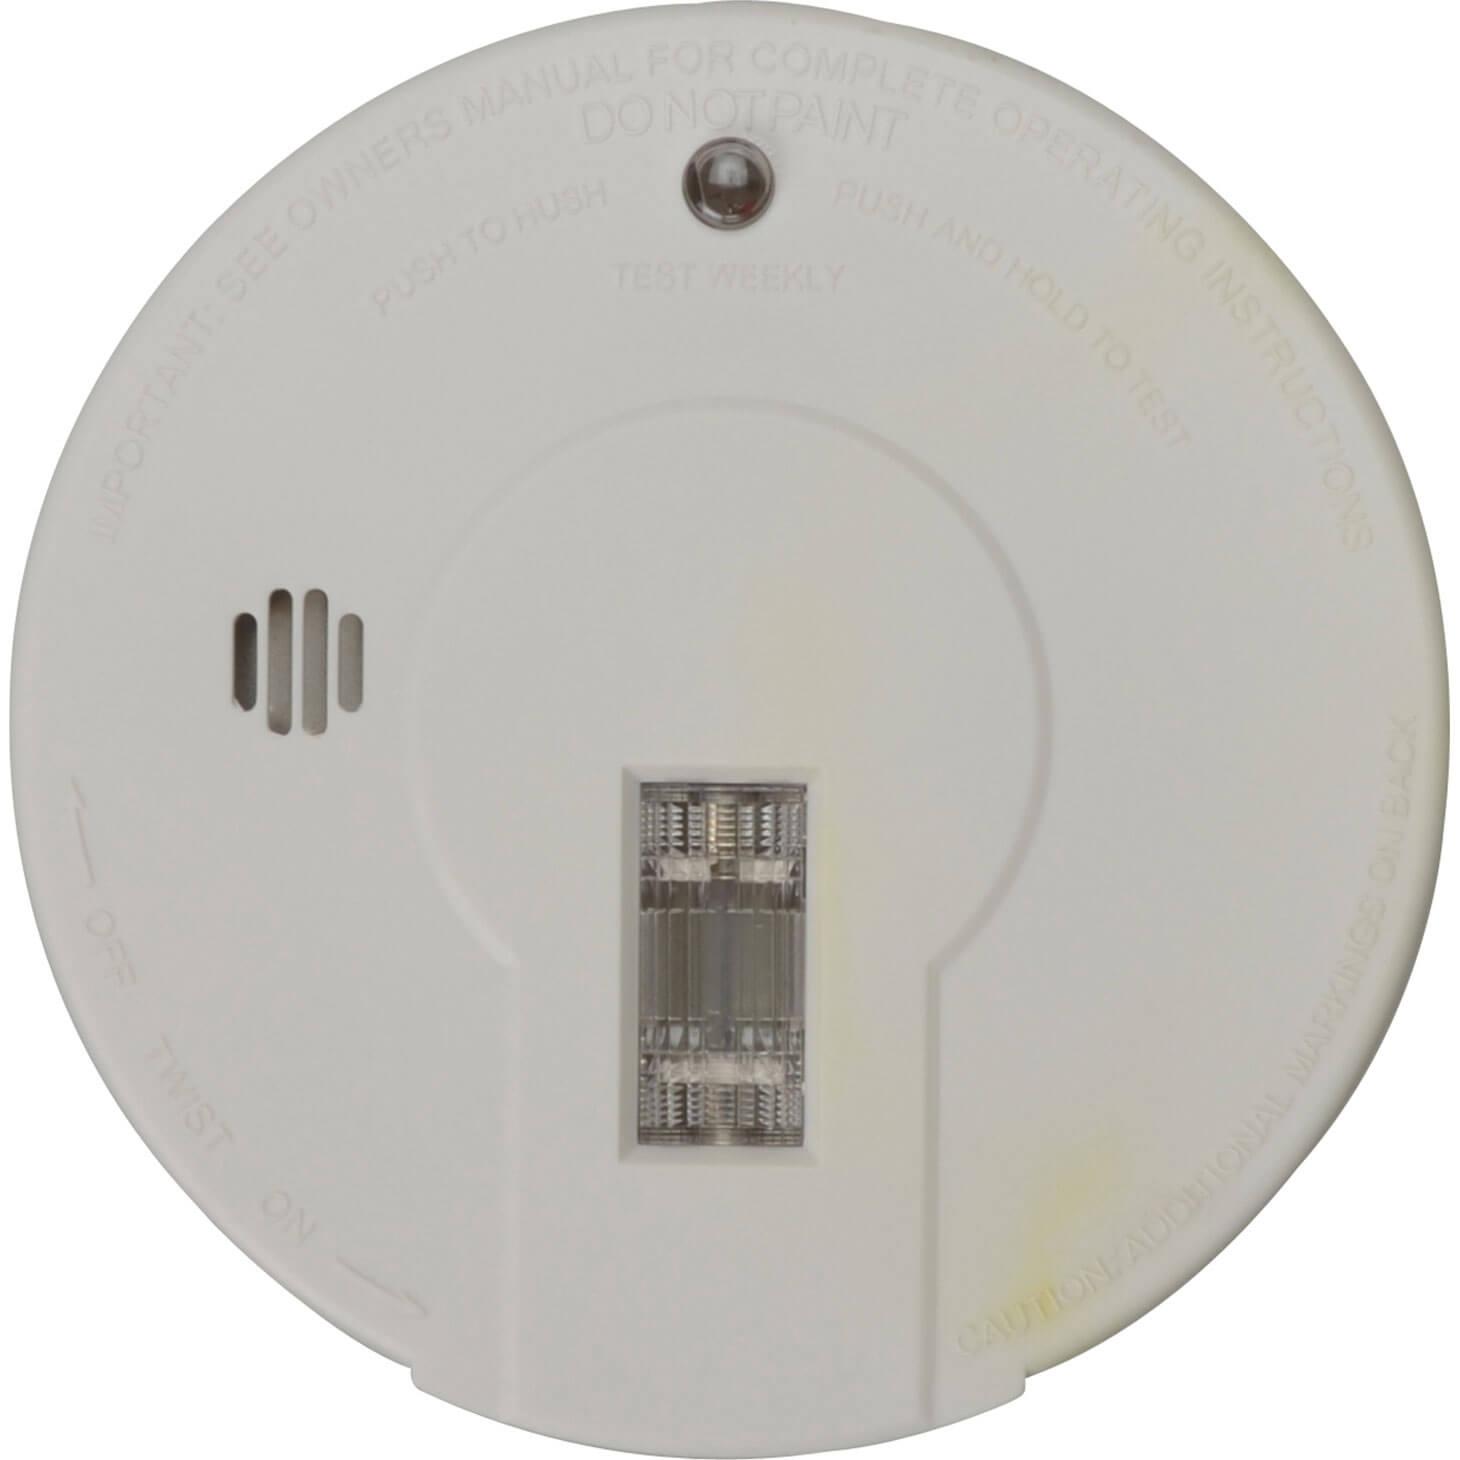 Smoke Alarm Detector with Hush